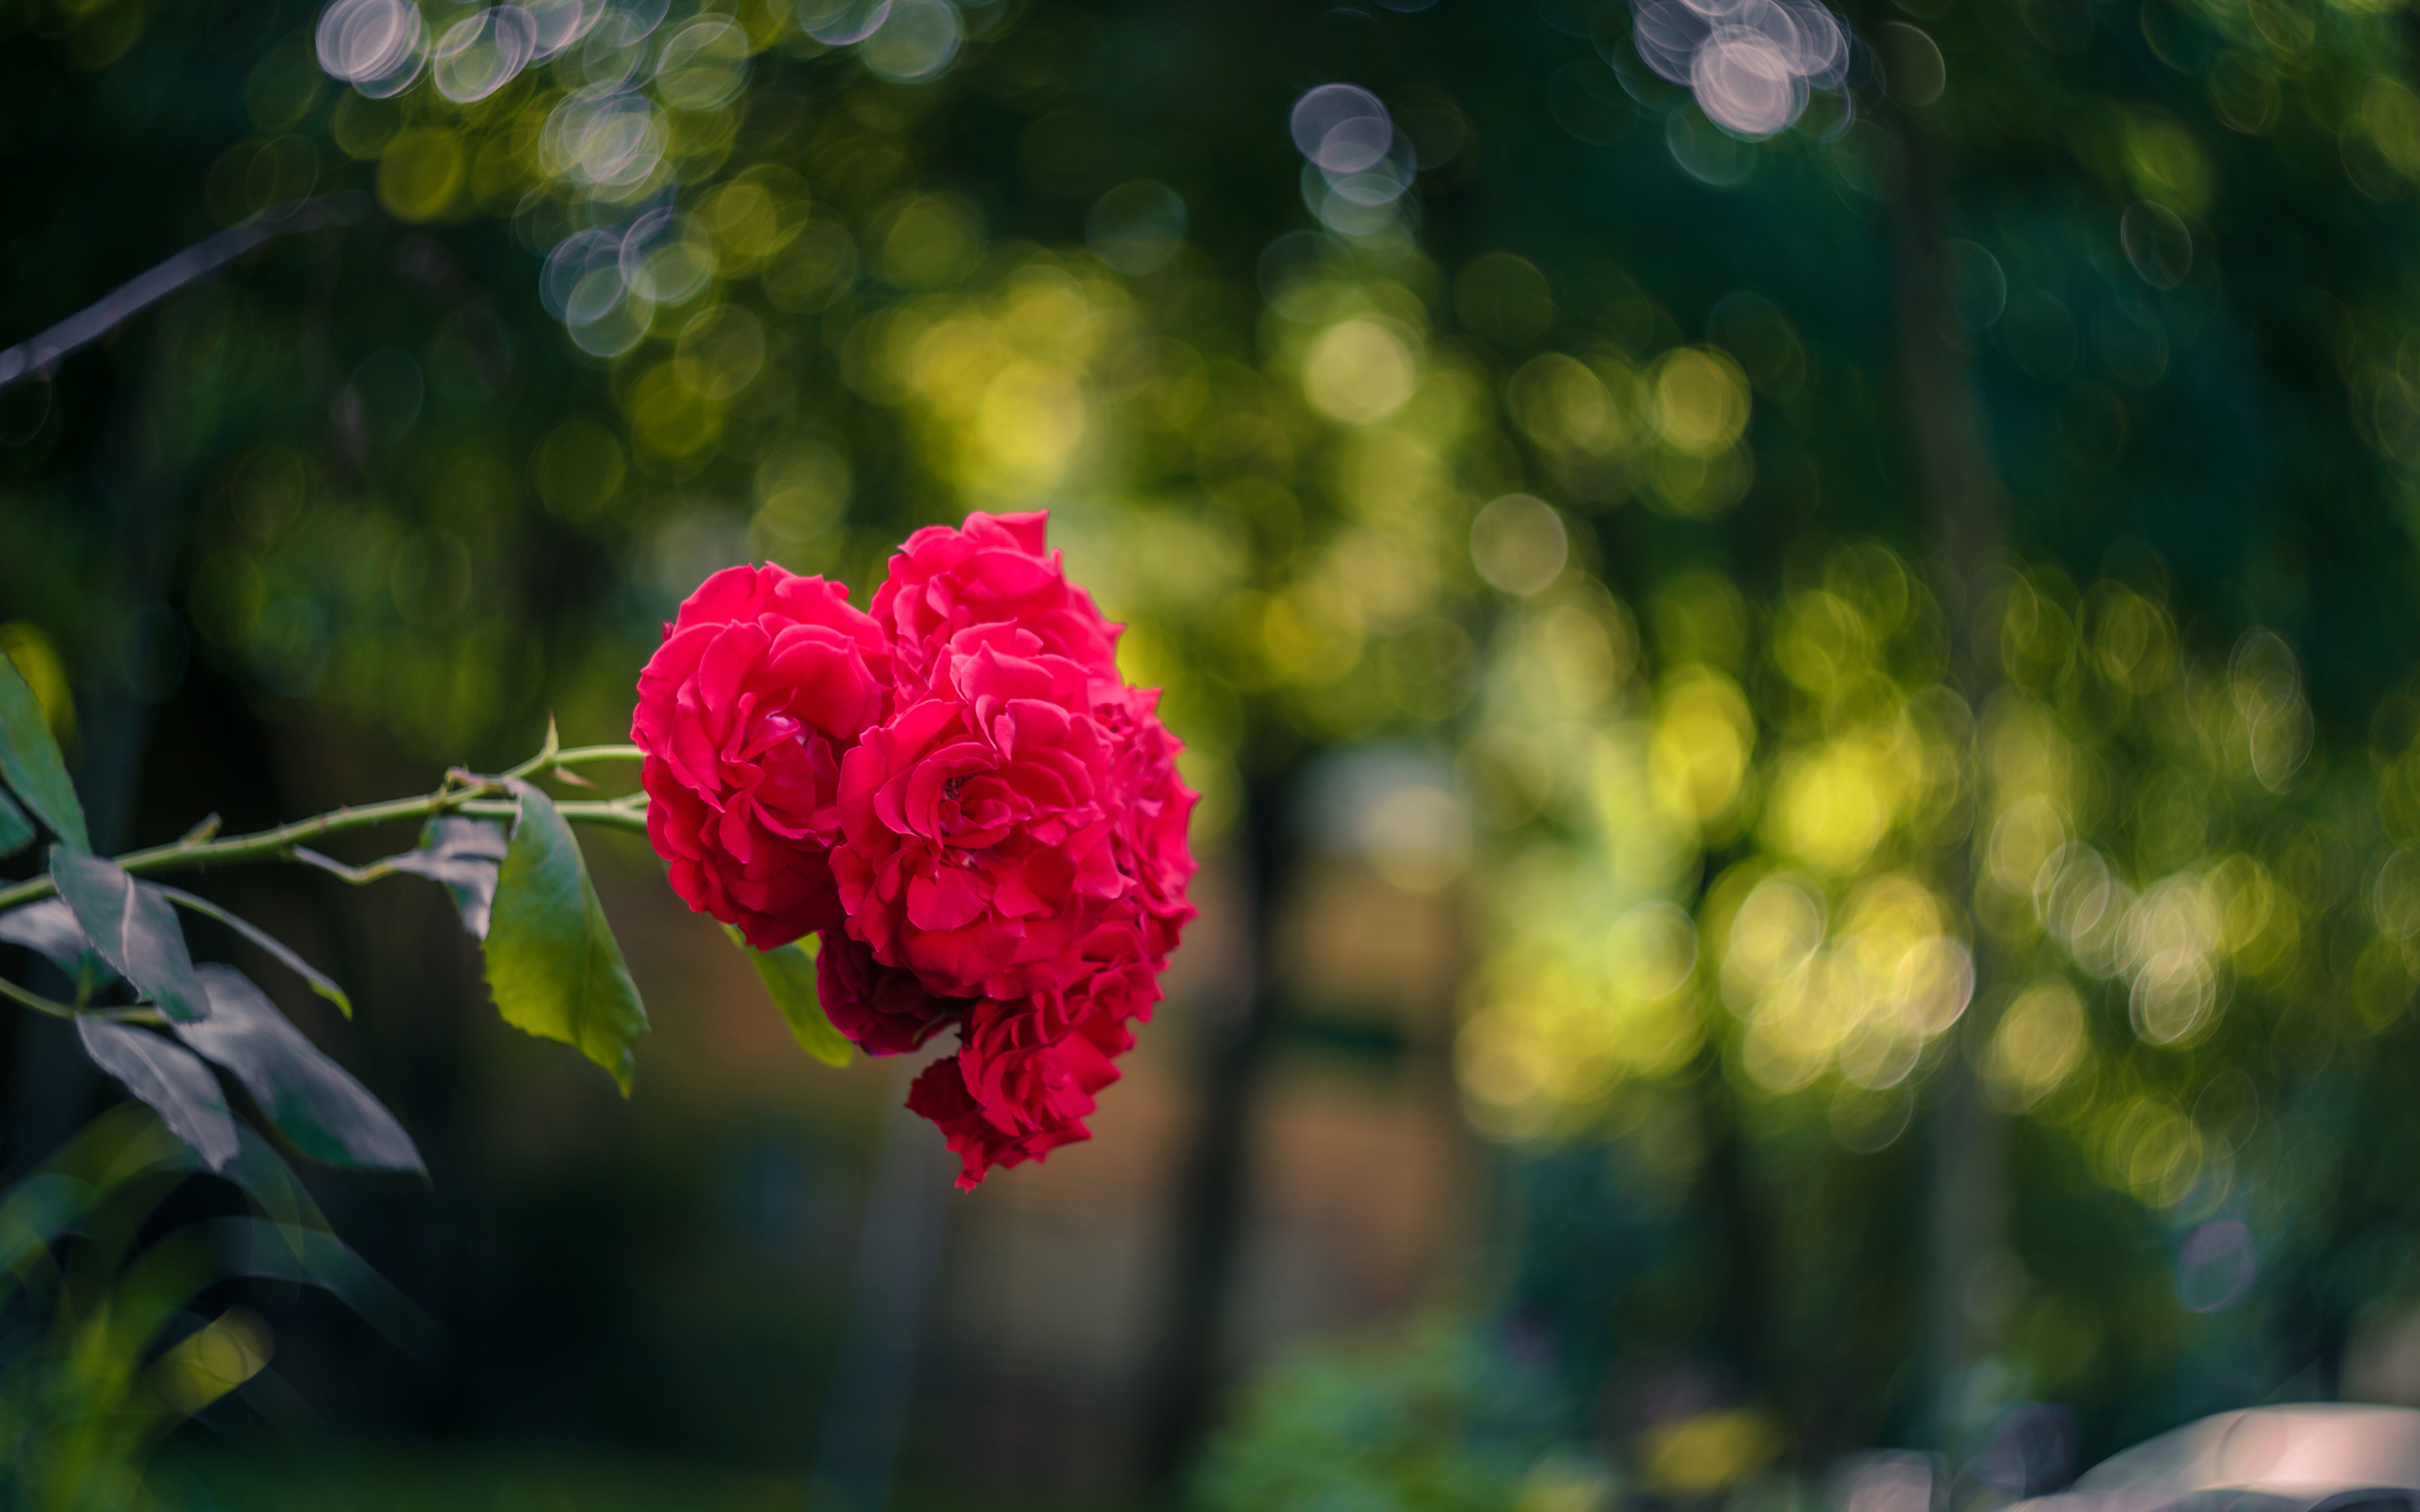 玫瑰花图片 高清壁纸 大图 植物壁纸-第2张